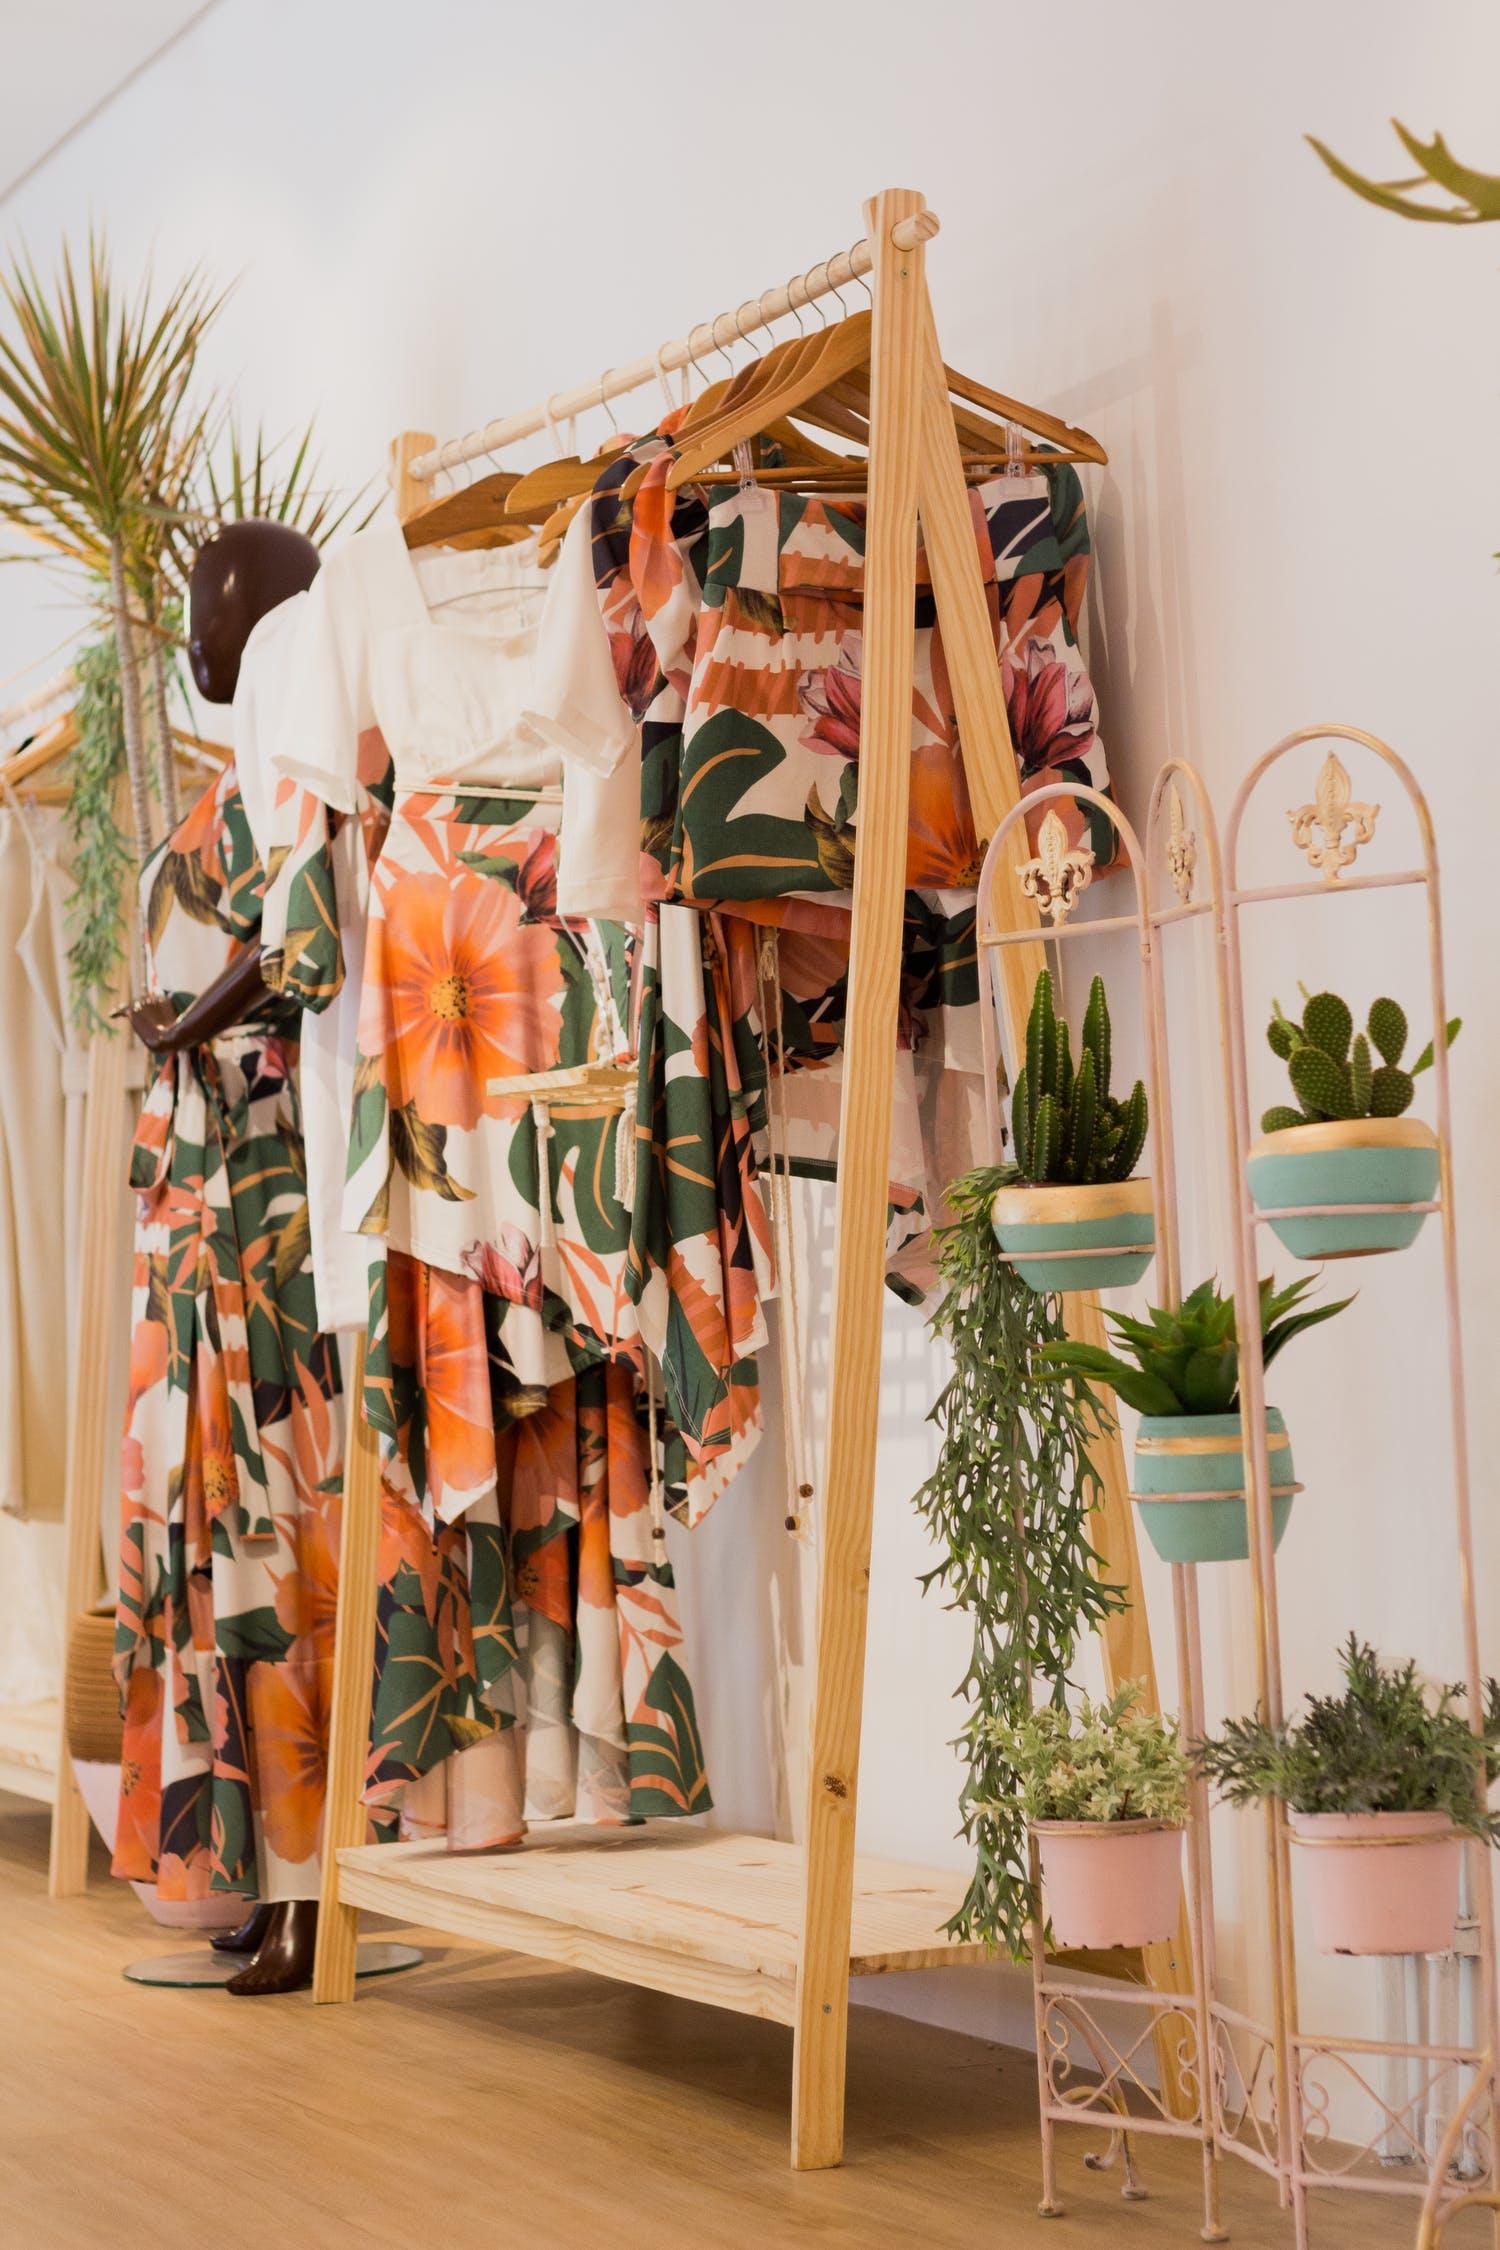 giá treo đồ mùa hè hoa lá phong cách tropical